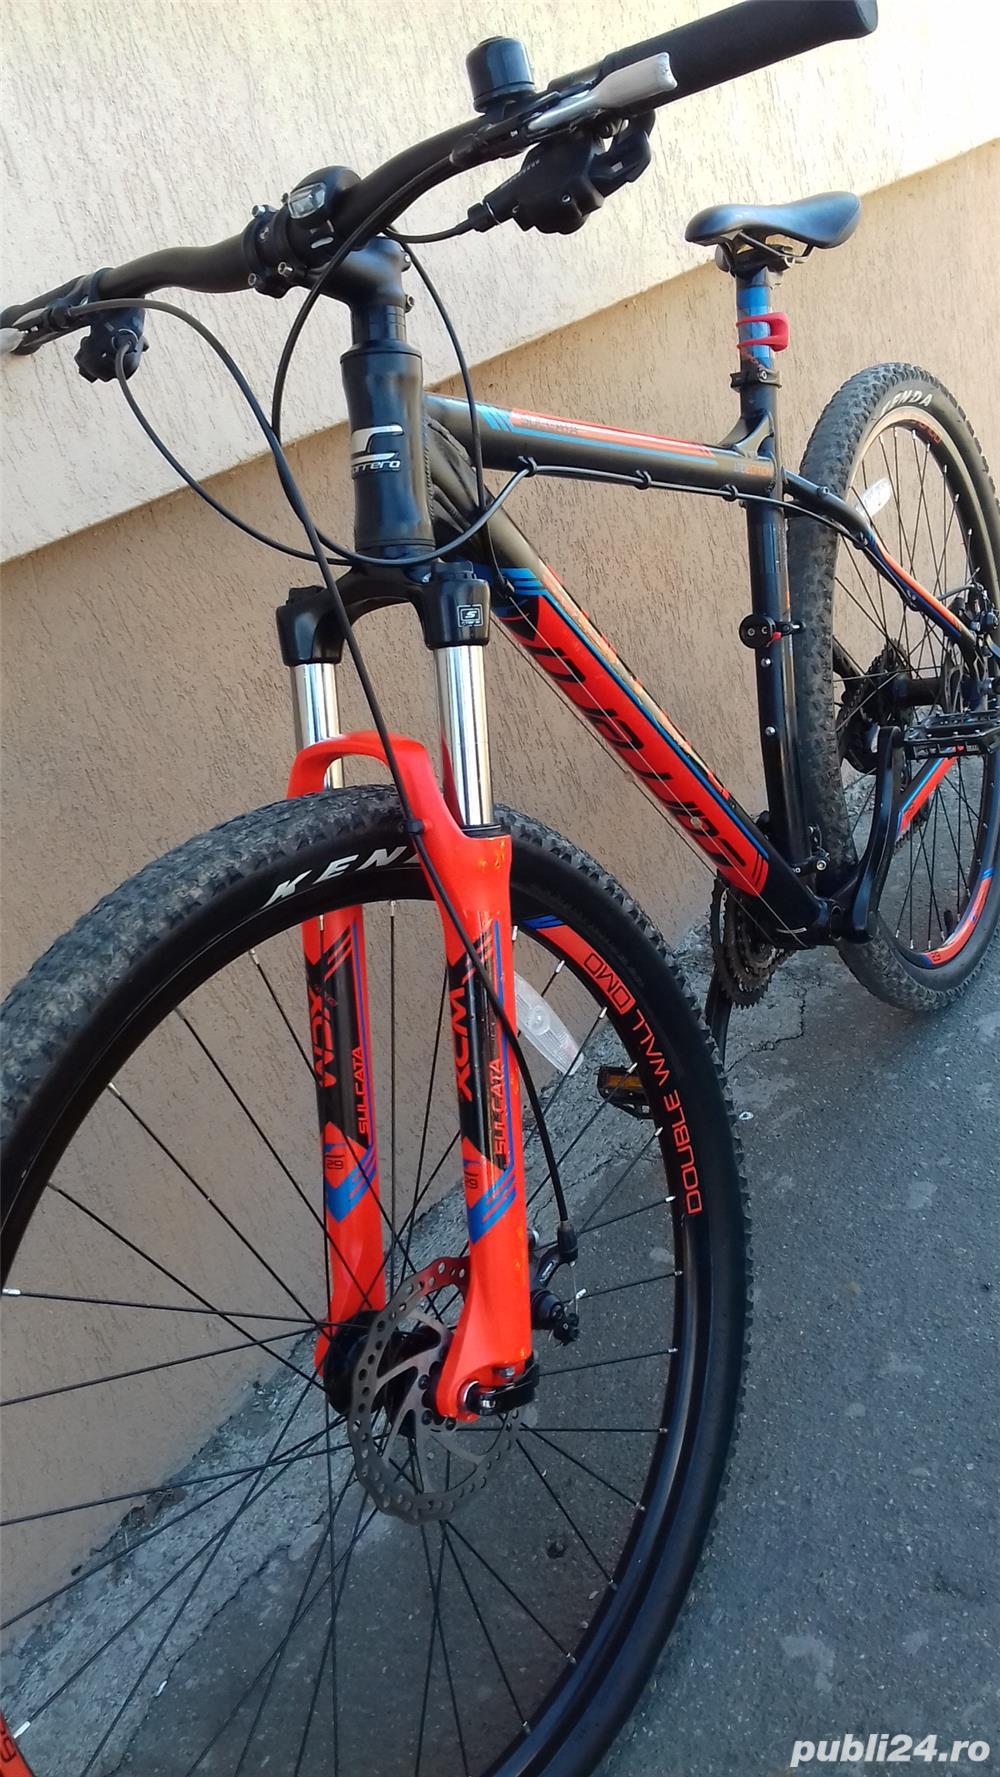 Mountain bike 29 Carrera Sulcata aluminiu 24 viteze alarma